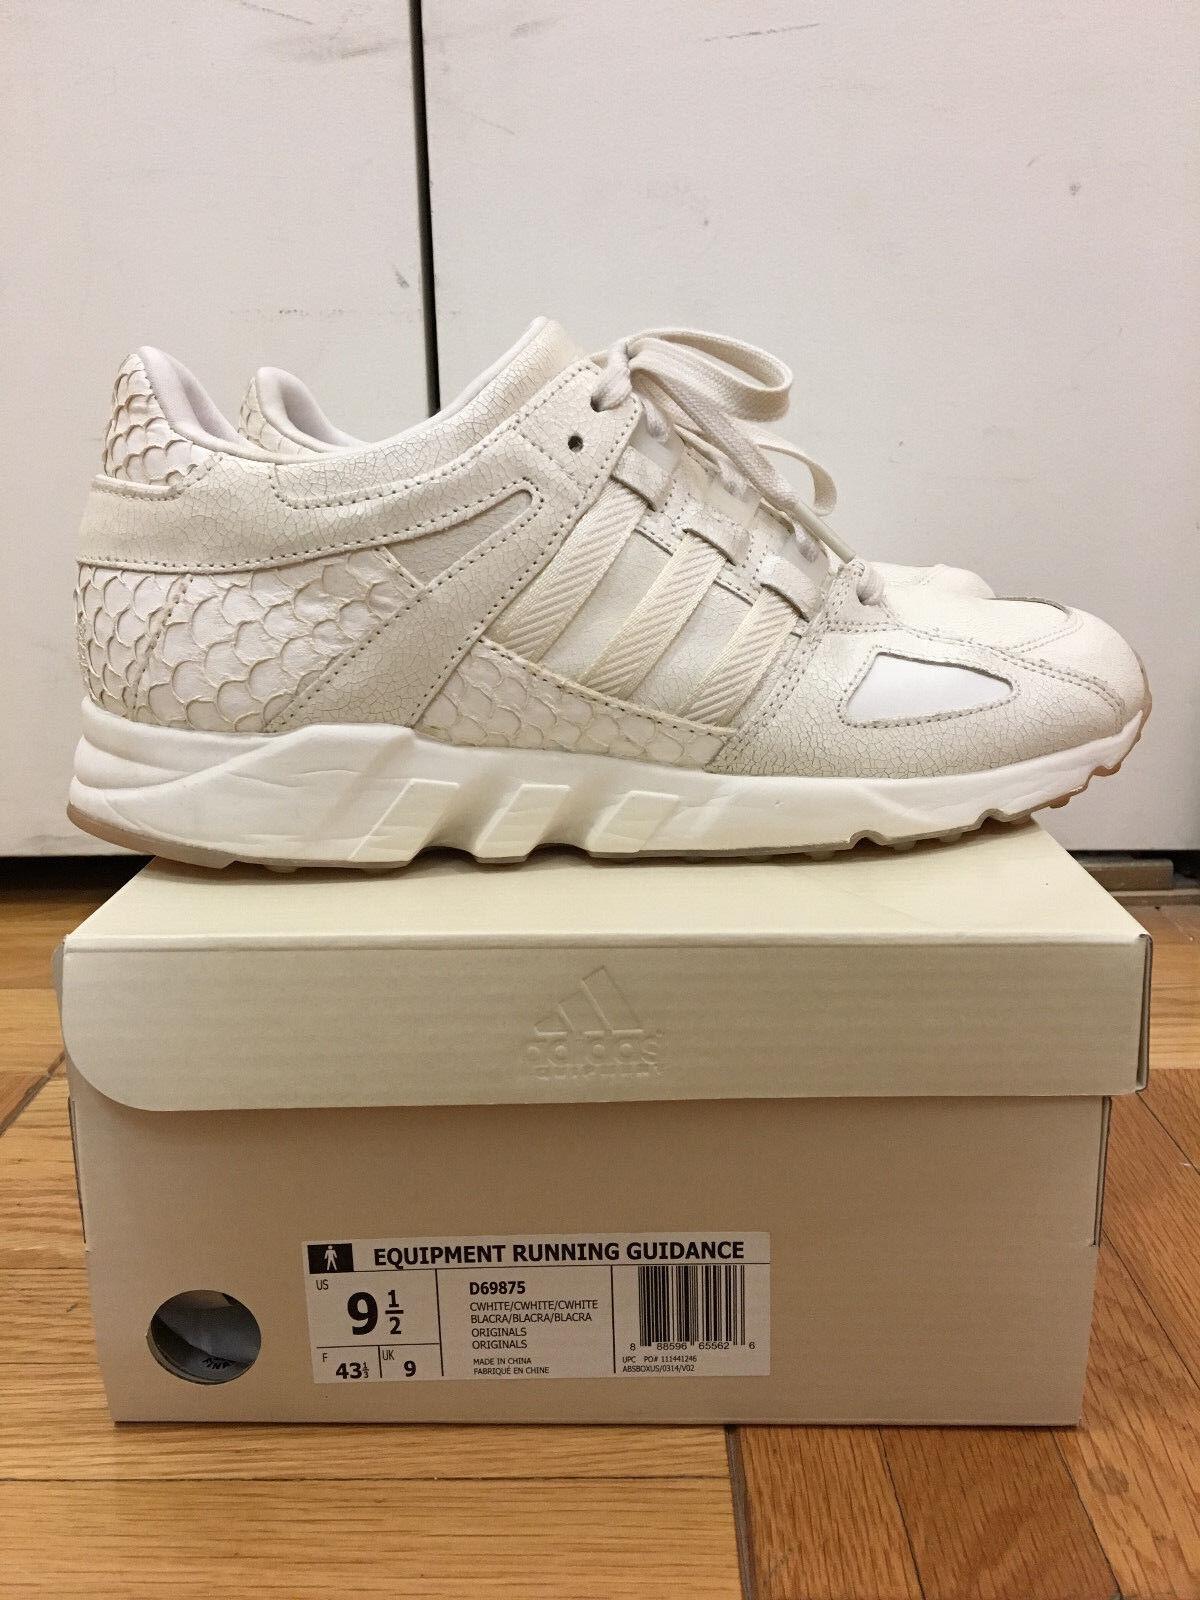 Adidas King Push EQT White size 9.5 Pusha T OG Cream White Adidas Originals